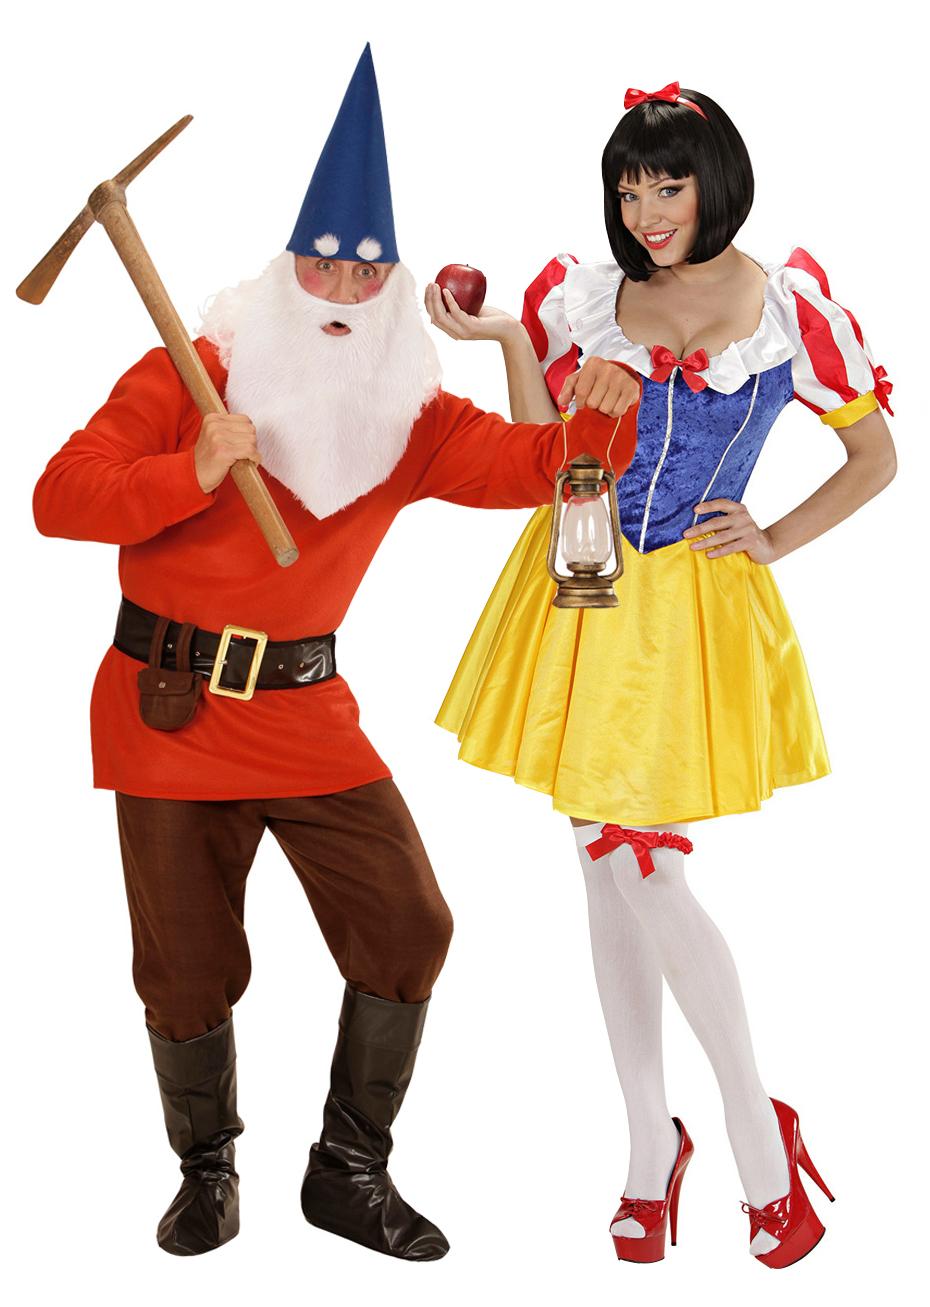 Simplet Nain Masque Blanche Neige Disney Conte De Fées Costume Déguisement Adulte Homme Masque